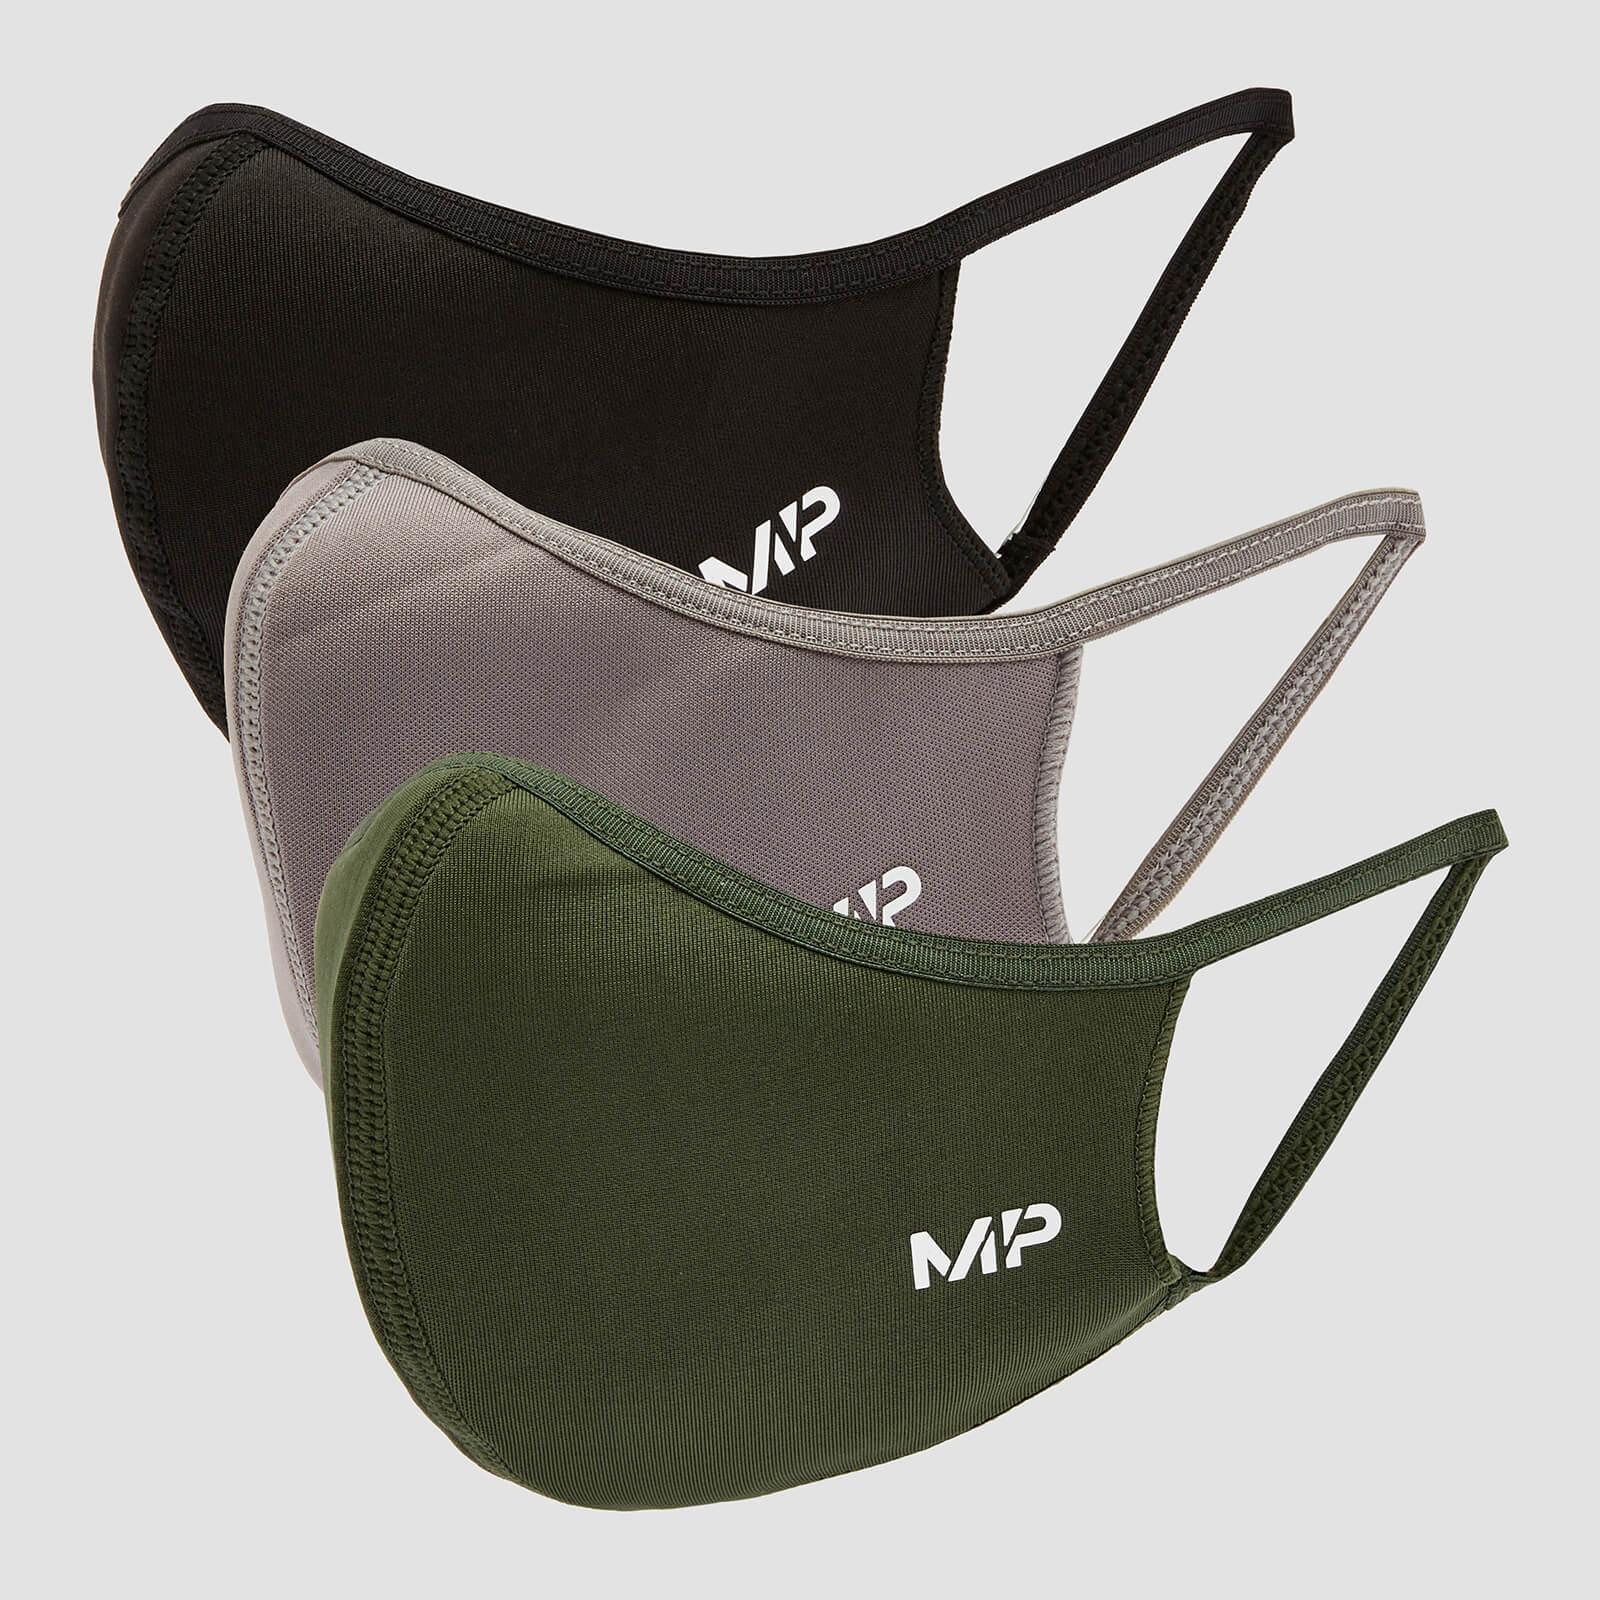 MP Curve Mask (3 Pack) - Black/Leaf Green/Carbon - M/L